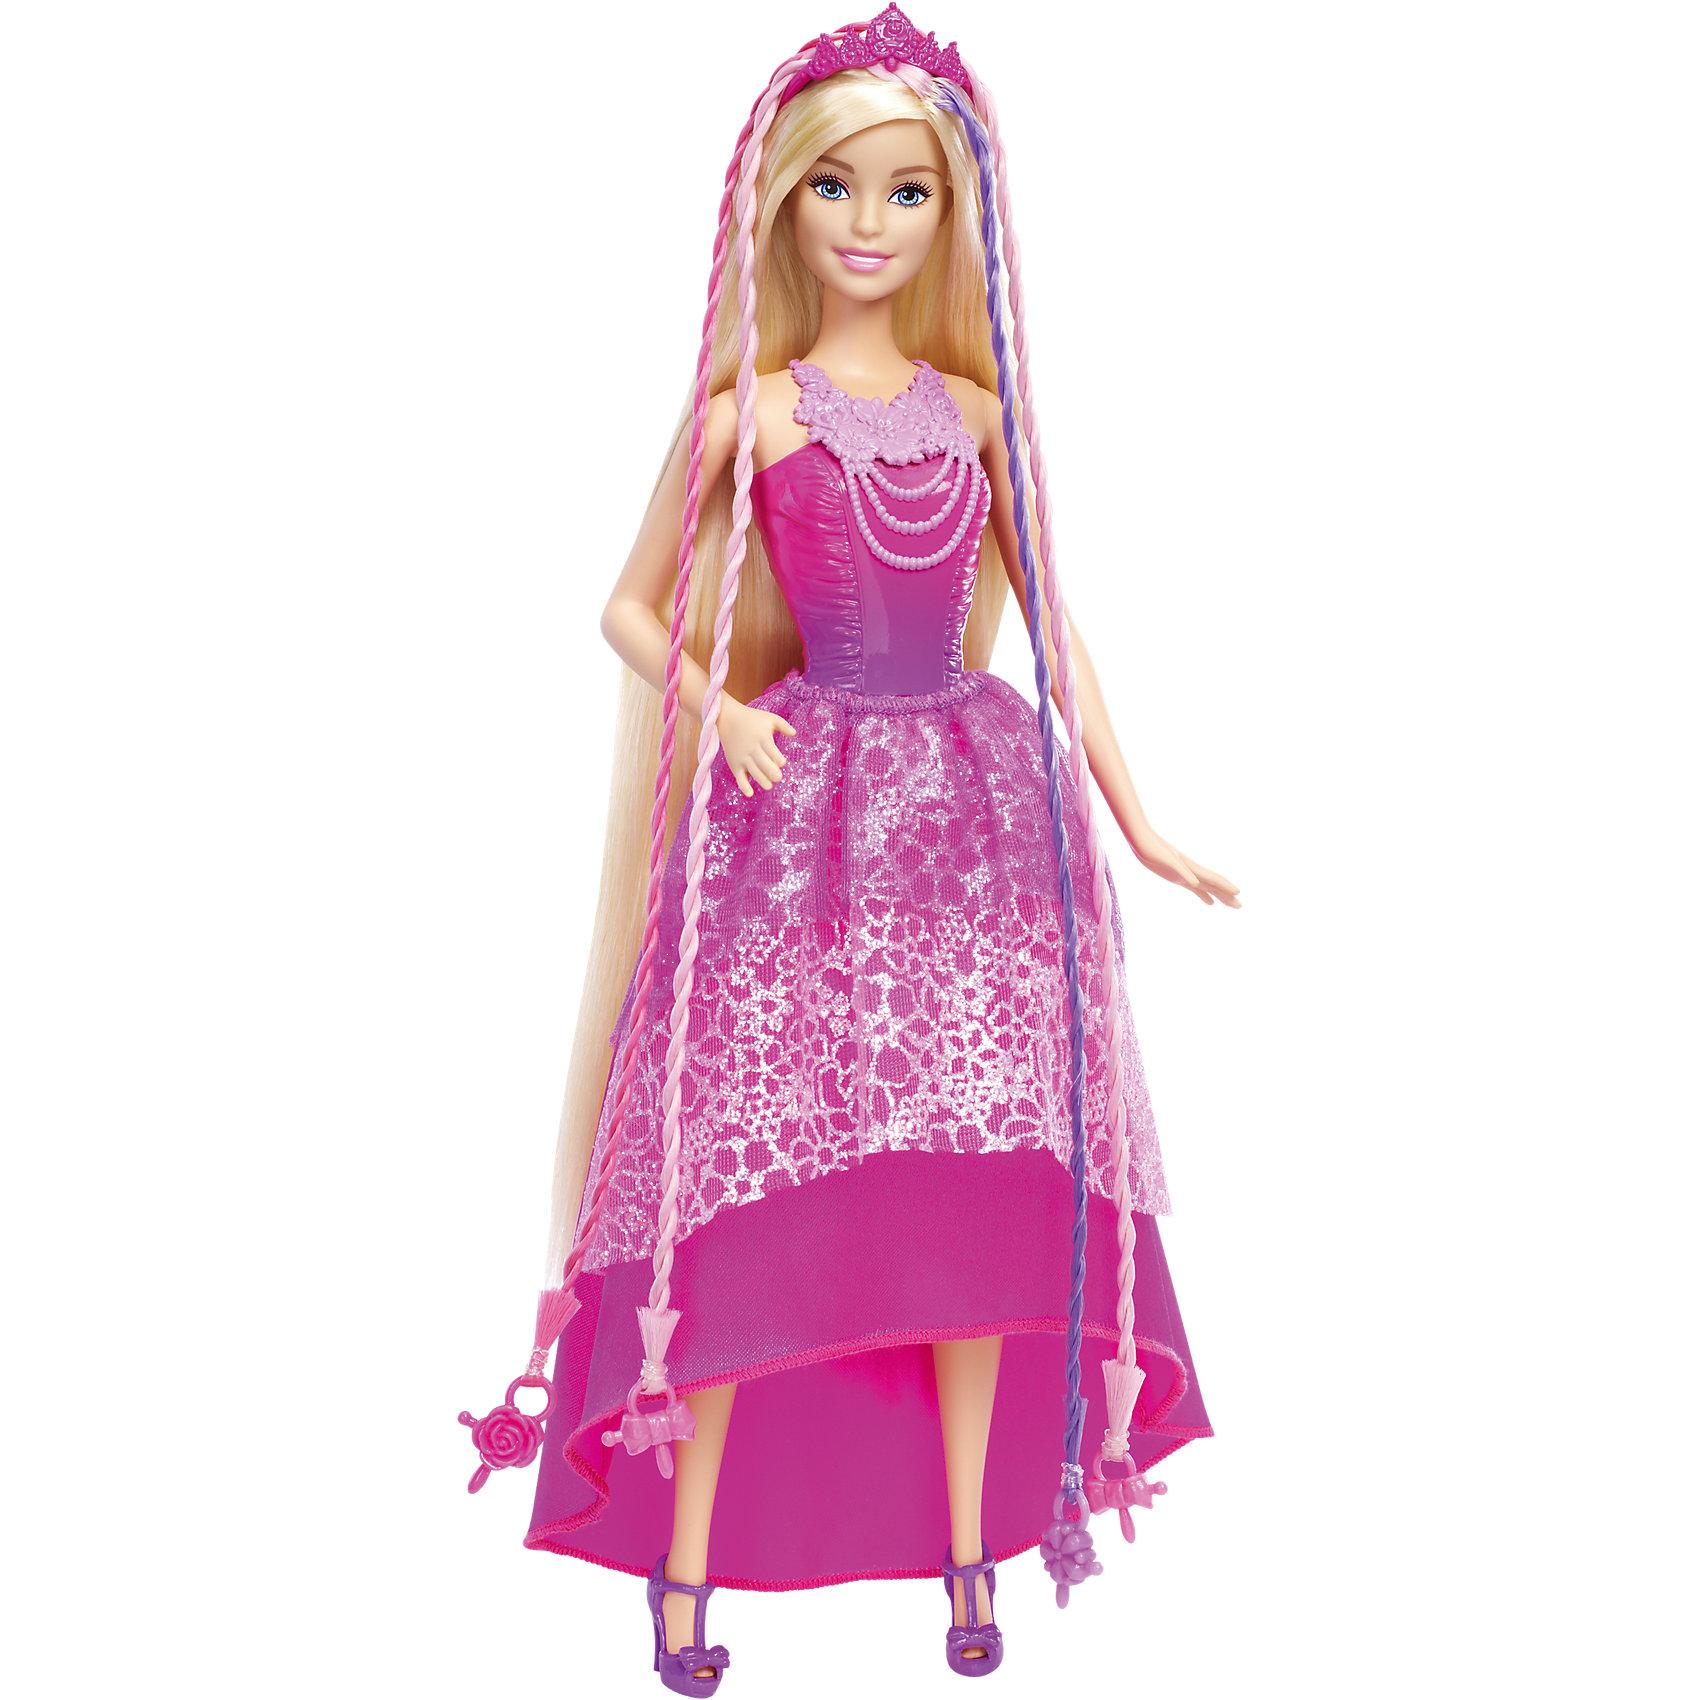 Кукла-принцесса с волшебными волосами, BarbieКукла-принцесса с волшебными волосами, Barbie, порадует всех юных любительниц Барби и станет достойным пополнением их коллекции. На этот раз красавица Барби представлена в образе очаровательной принцессы в роскошном наряде. У куколки чудесное розовое платье, украшенное блестками, с двухслойной юбкой и обтягивающим лифом. Роскошный наряд красиво дополняют сиреневые туфельки на каблуках и изысканное розовое ожерелье. Туловище куклы на шарнирах, ноги и руки сгибаются и разгибаются, благодаря чему она может принимать различные положения. Но главная особенность новой Барби-принцессы - ее роскошные светлые волосы длиной 20 см., которые так интересно укладывать в различные прически, расчесывать и украшать. В комплекте Вы найдете полный арсенал парикмахерских инструментов, чтобы почувствовать себя в роли модного стилиста - специальный инструмент для плетения, щетка для волос, диадема и три заколки. Розовые и сиреневые пряди волос Барби украшены на концах яркими бусинами. Вставьте две или три бусины в устройство для плетения, нажмите кнопку - и прядки будут мгновенно заплетены! А красивые заколки, украшенные фирменной символикой подойдут не только кукле, но и хозяйке.<br><br>Дополнительная информация:<br><br>- В комплекте: кукла, инструмент для плетения волос, щетка для волос, диадема, 3 заколки.<br>- Материал: пластик, текстиль.<br>- Высота куклы: 29 см.<br>- Размер упаковки: 8 x 33 х 26 см.<br>- Вес: 0,4 кг.<br><br>Куклу-принцессу с волшебными волосами, Barbie, Mattel, можно купить в нашем интернет-магазине.<br><br>Ширина мм: 330<br>Глубина мм: 256<br>Высота мм: 73<br>Вес г: 429<br>Возраст от месяцев: 36<br>Возраст до месяцев: 72<br>Пол: Женский<br>Возраст: Детский<br>SKU: 4349941